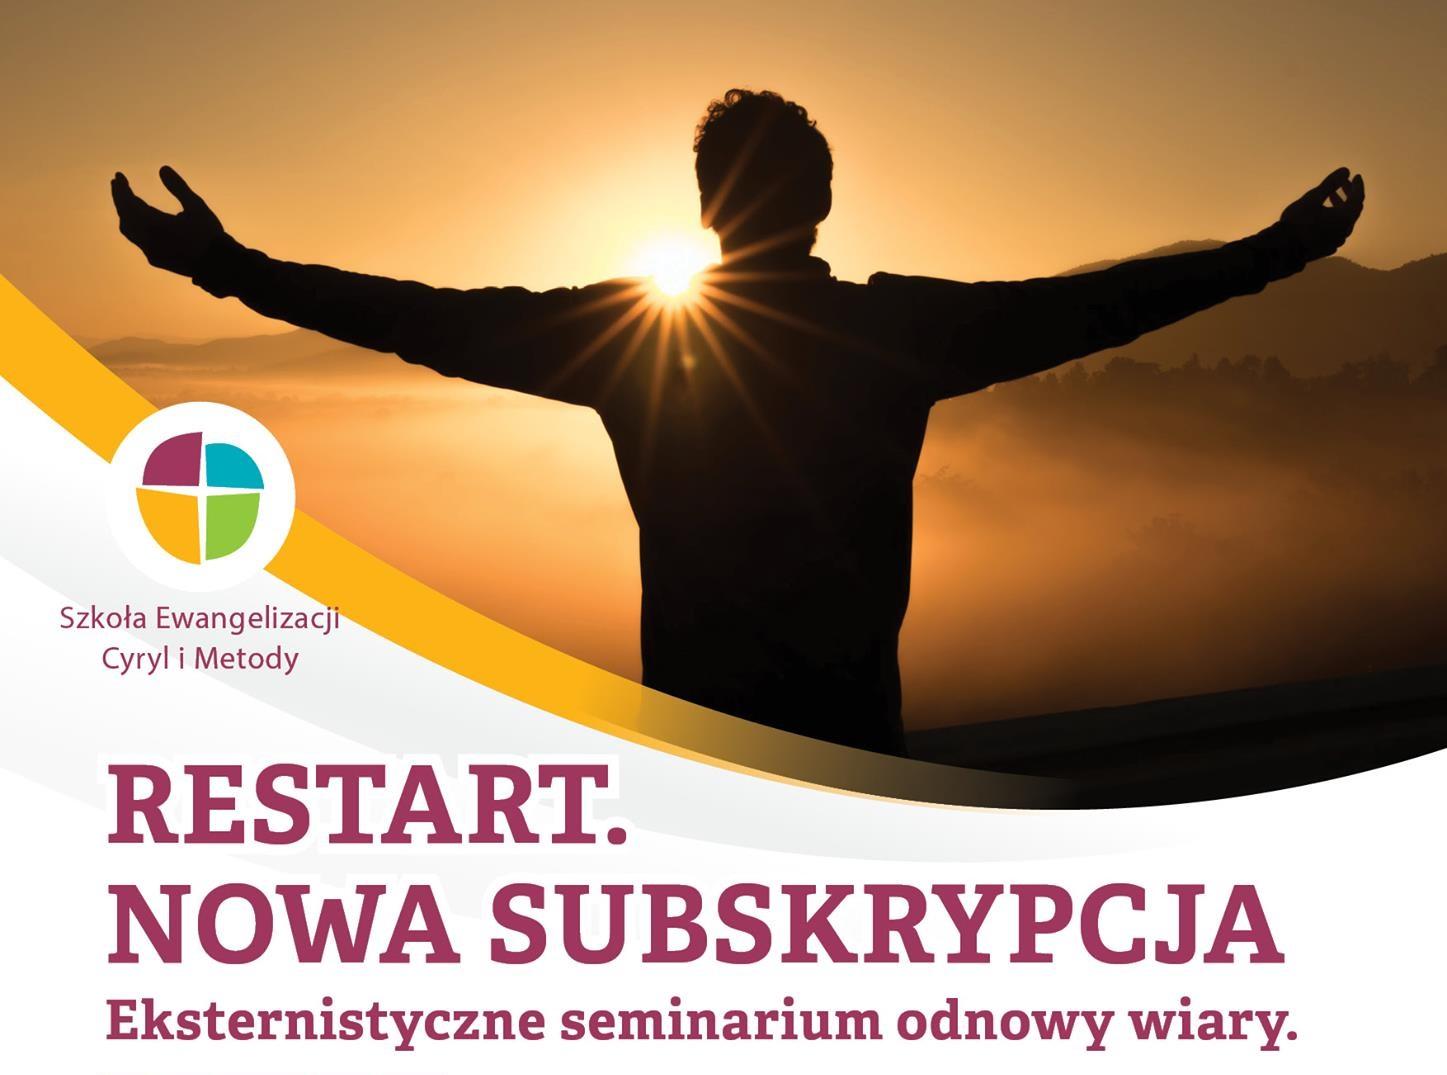 RESTART – Eksternistyczne Seminarium Odnowy Wiary